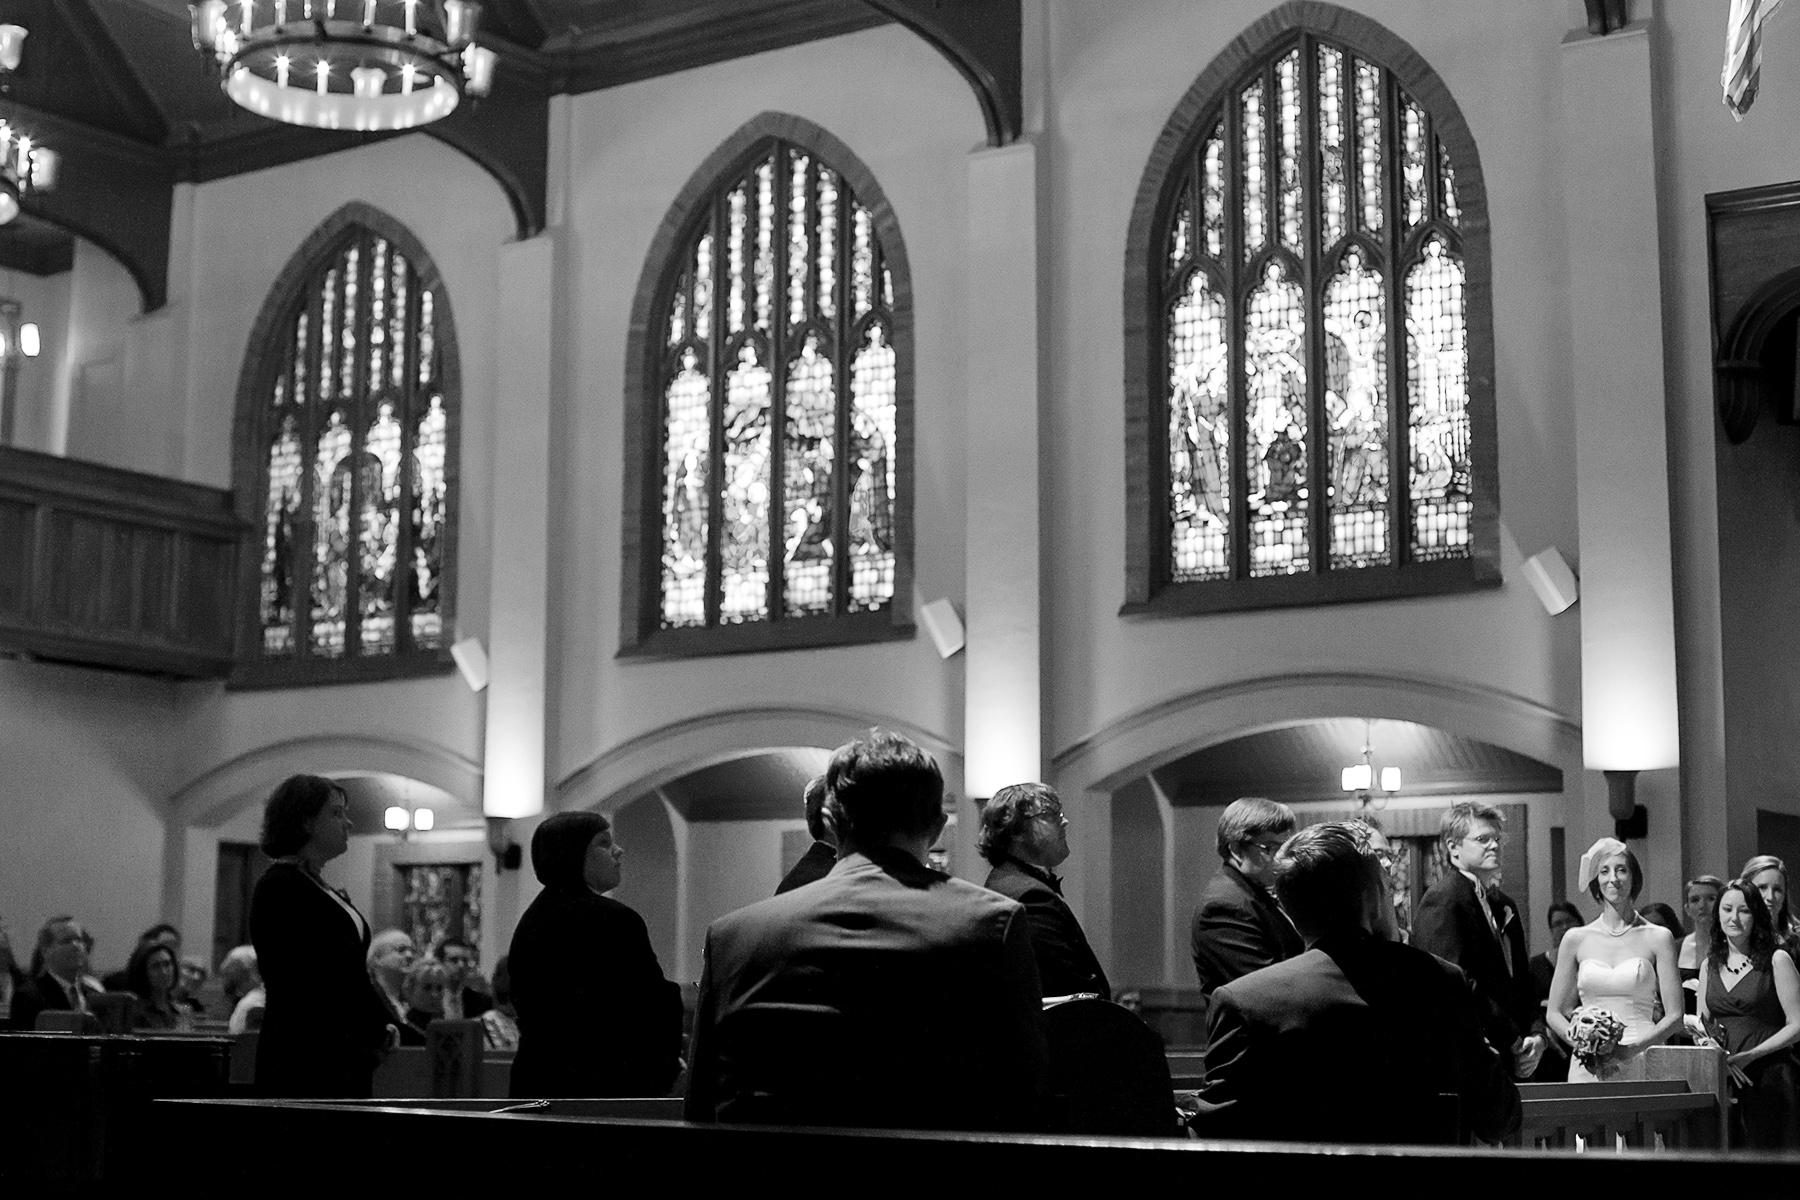 Grace United Methodist Church - Atlanta Wedding Picture in BW | De beste vriend van de bruid van het seminarie houdt de preek tijdens de ceremonie